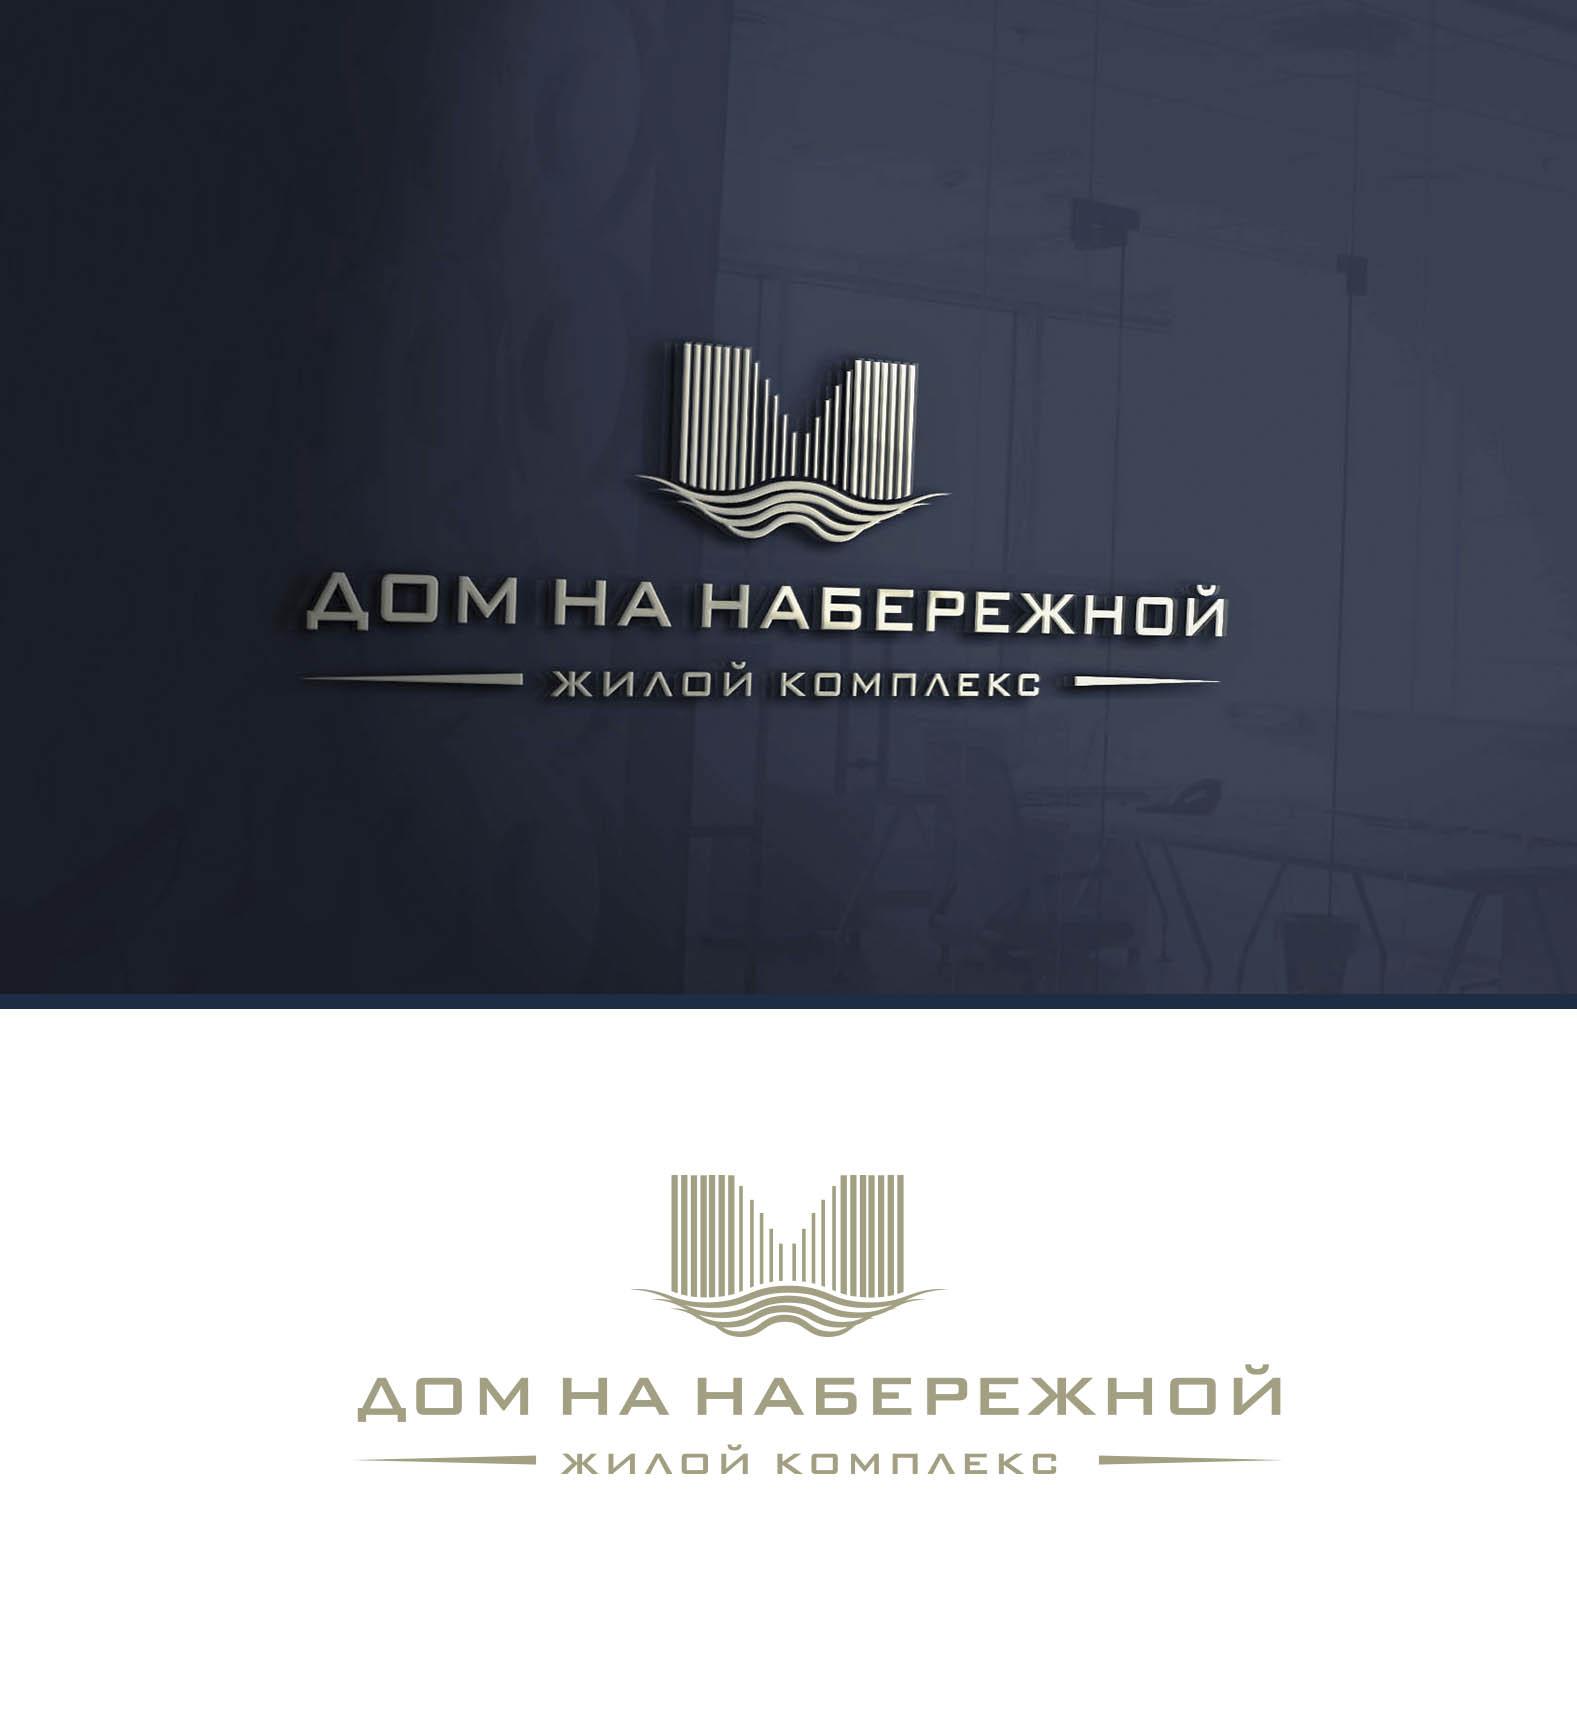 РАЗРАБОТКА логотипа для ЖИЛОГО КОМПЛЕКСА премиум В АНАПЕ.  фото f_7465dee9df3e679a.jpg